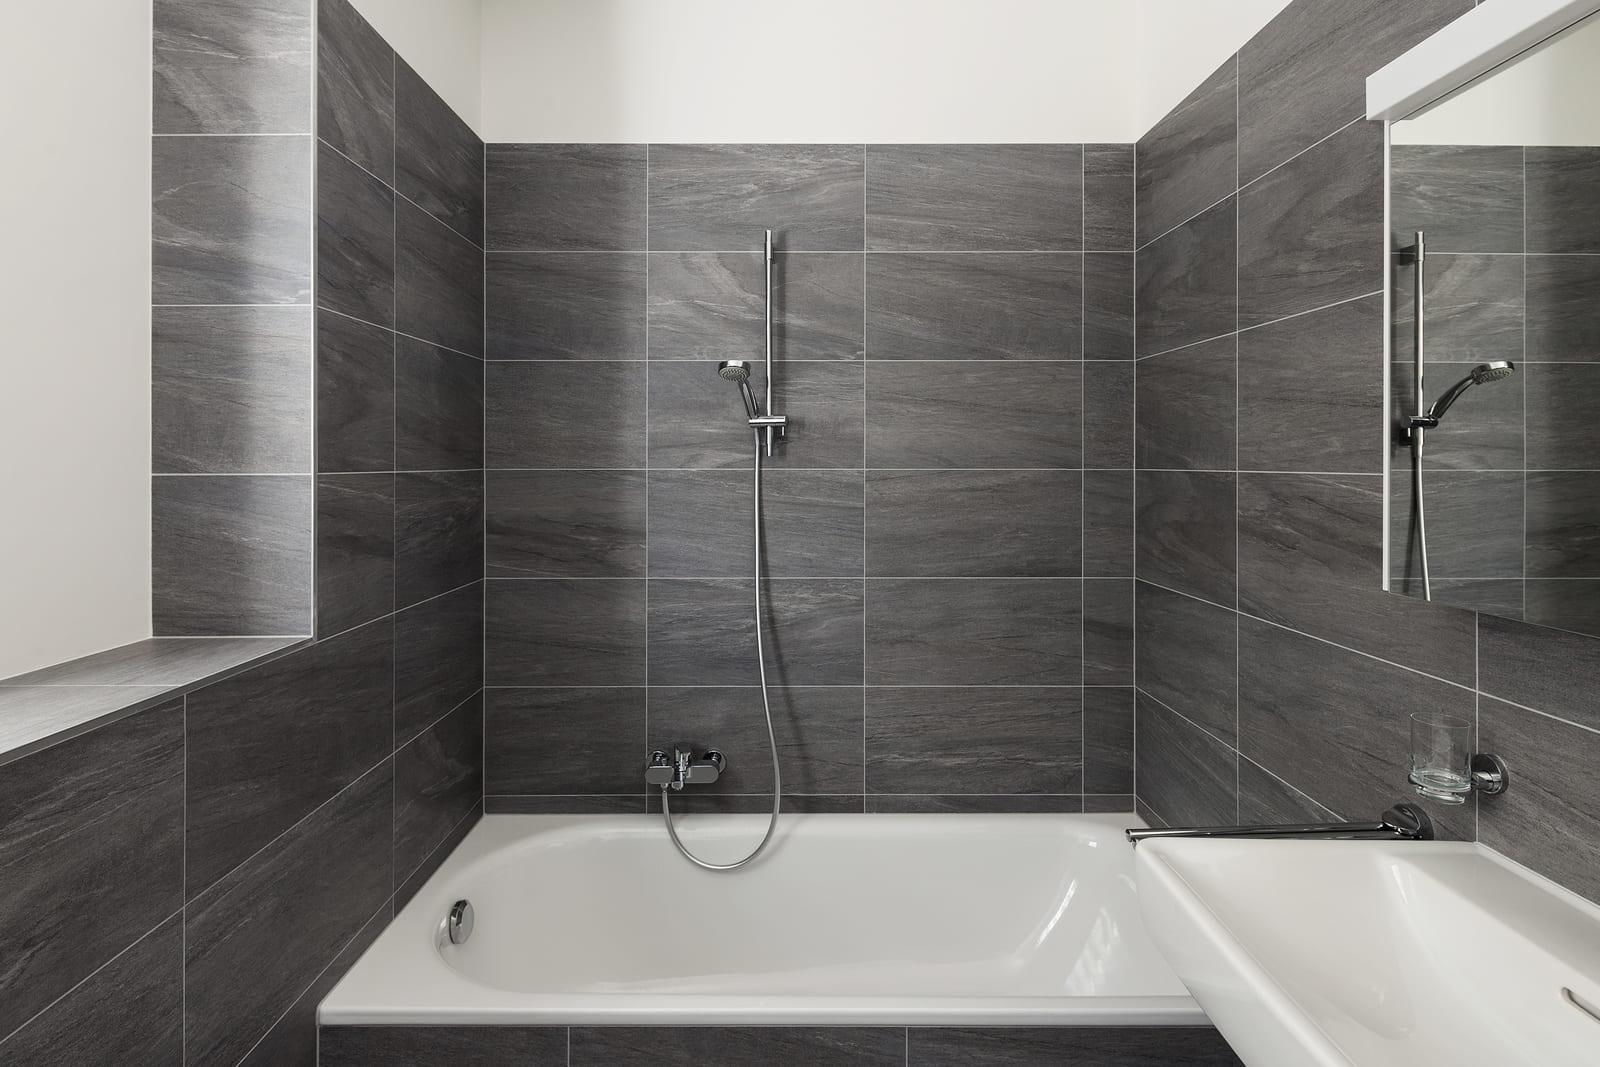 Vente appartement t4 lille 6716 ma petite agence - Boutique salle de bain ...